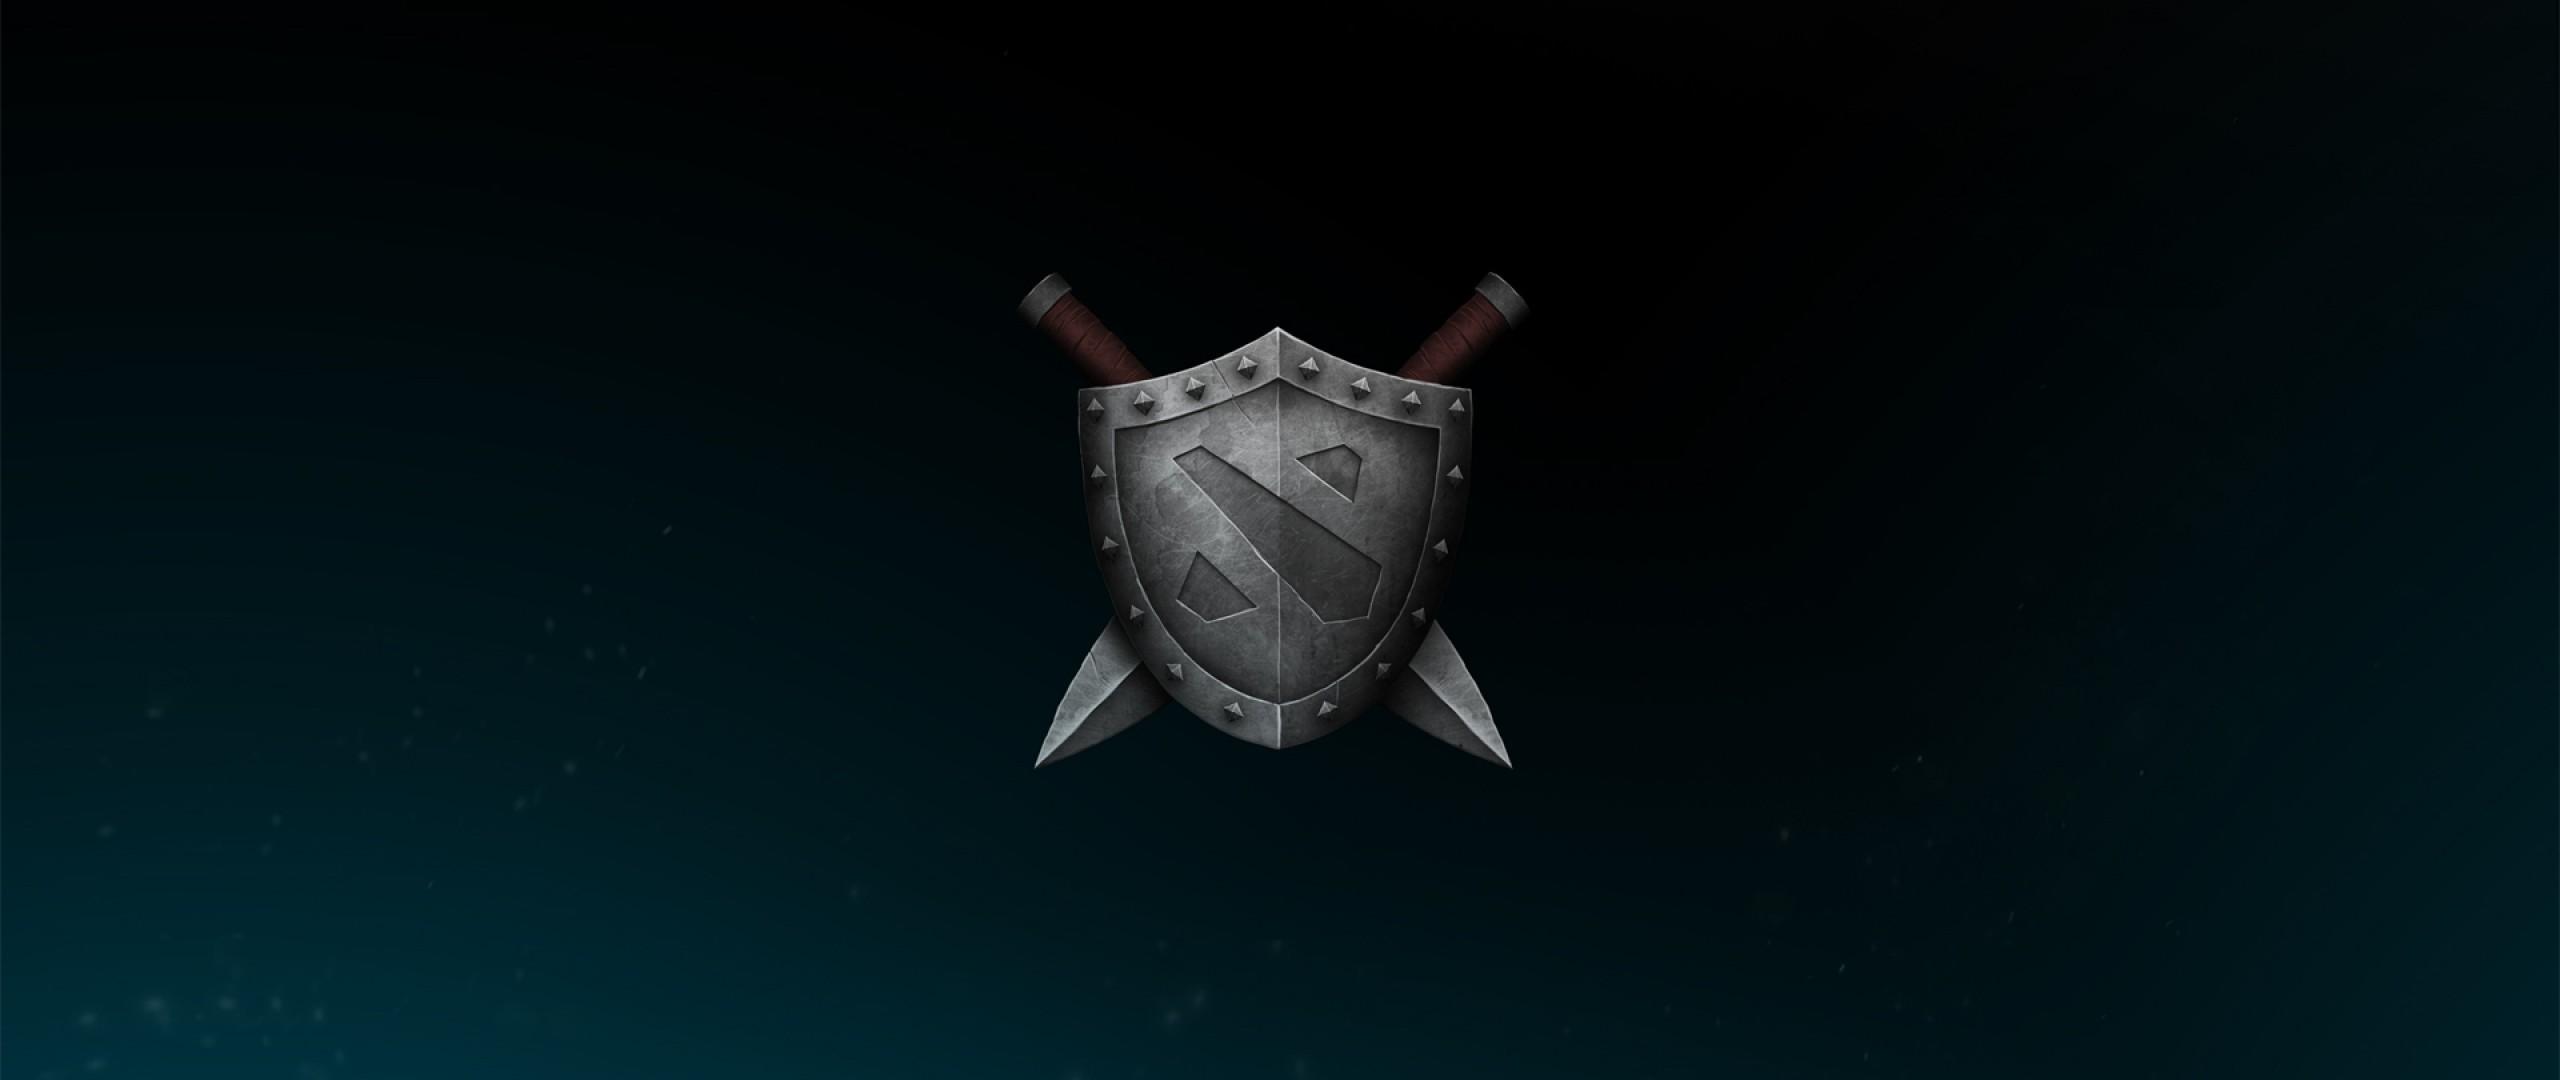 Обои на рабочий стол щит и меч